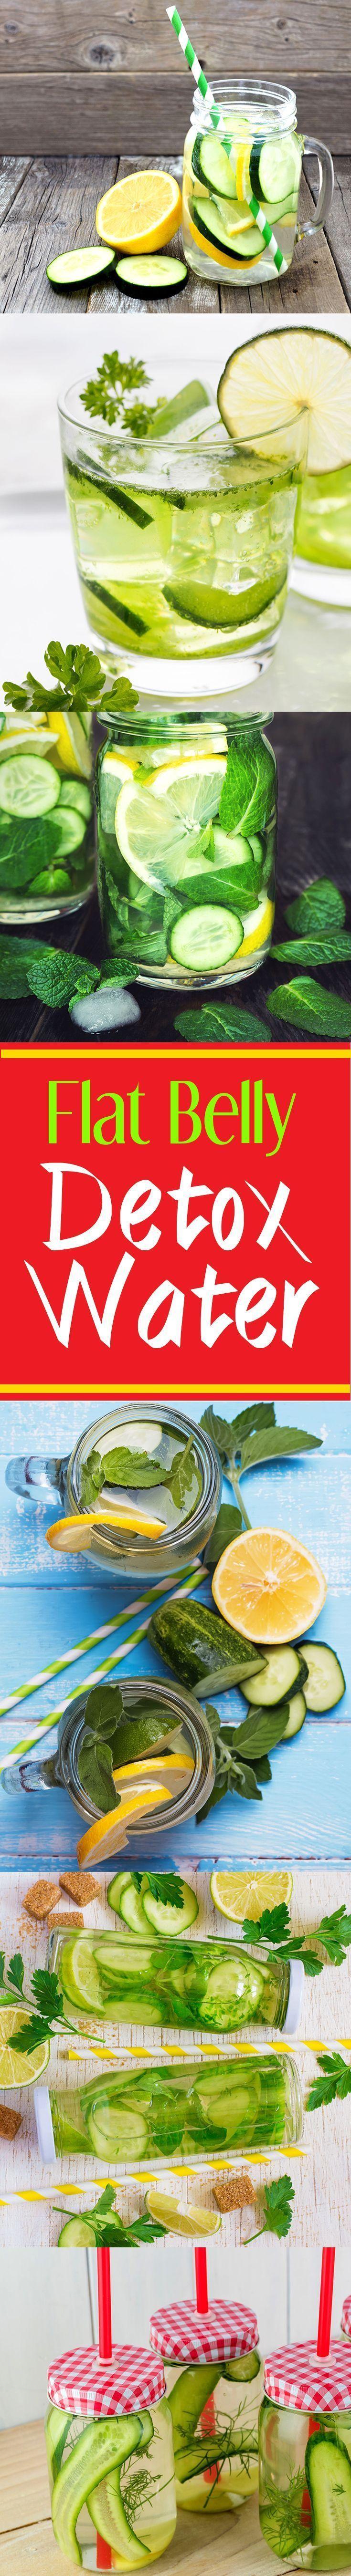 Nice  Slimming & Detox Fruit Infused Water Flat Belly Diet Drink